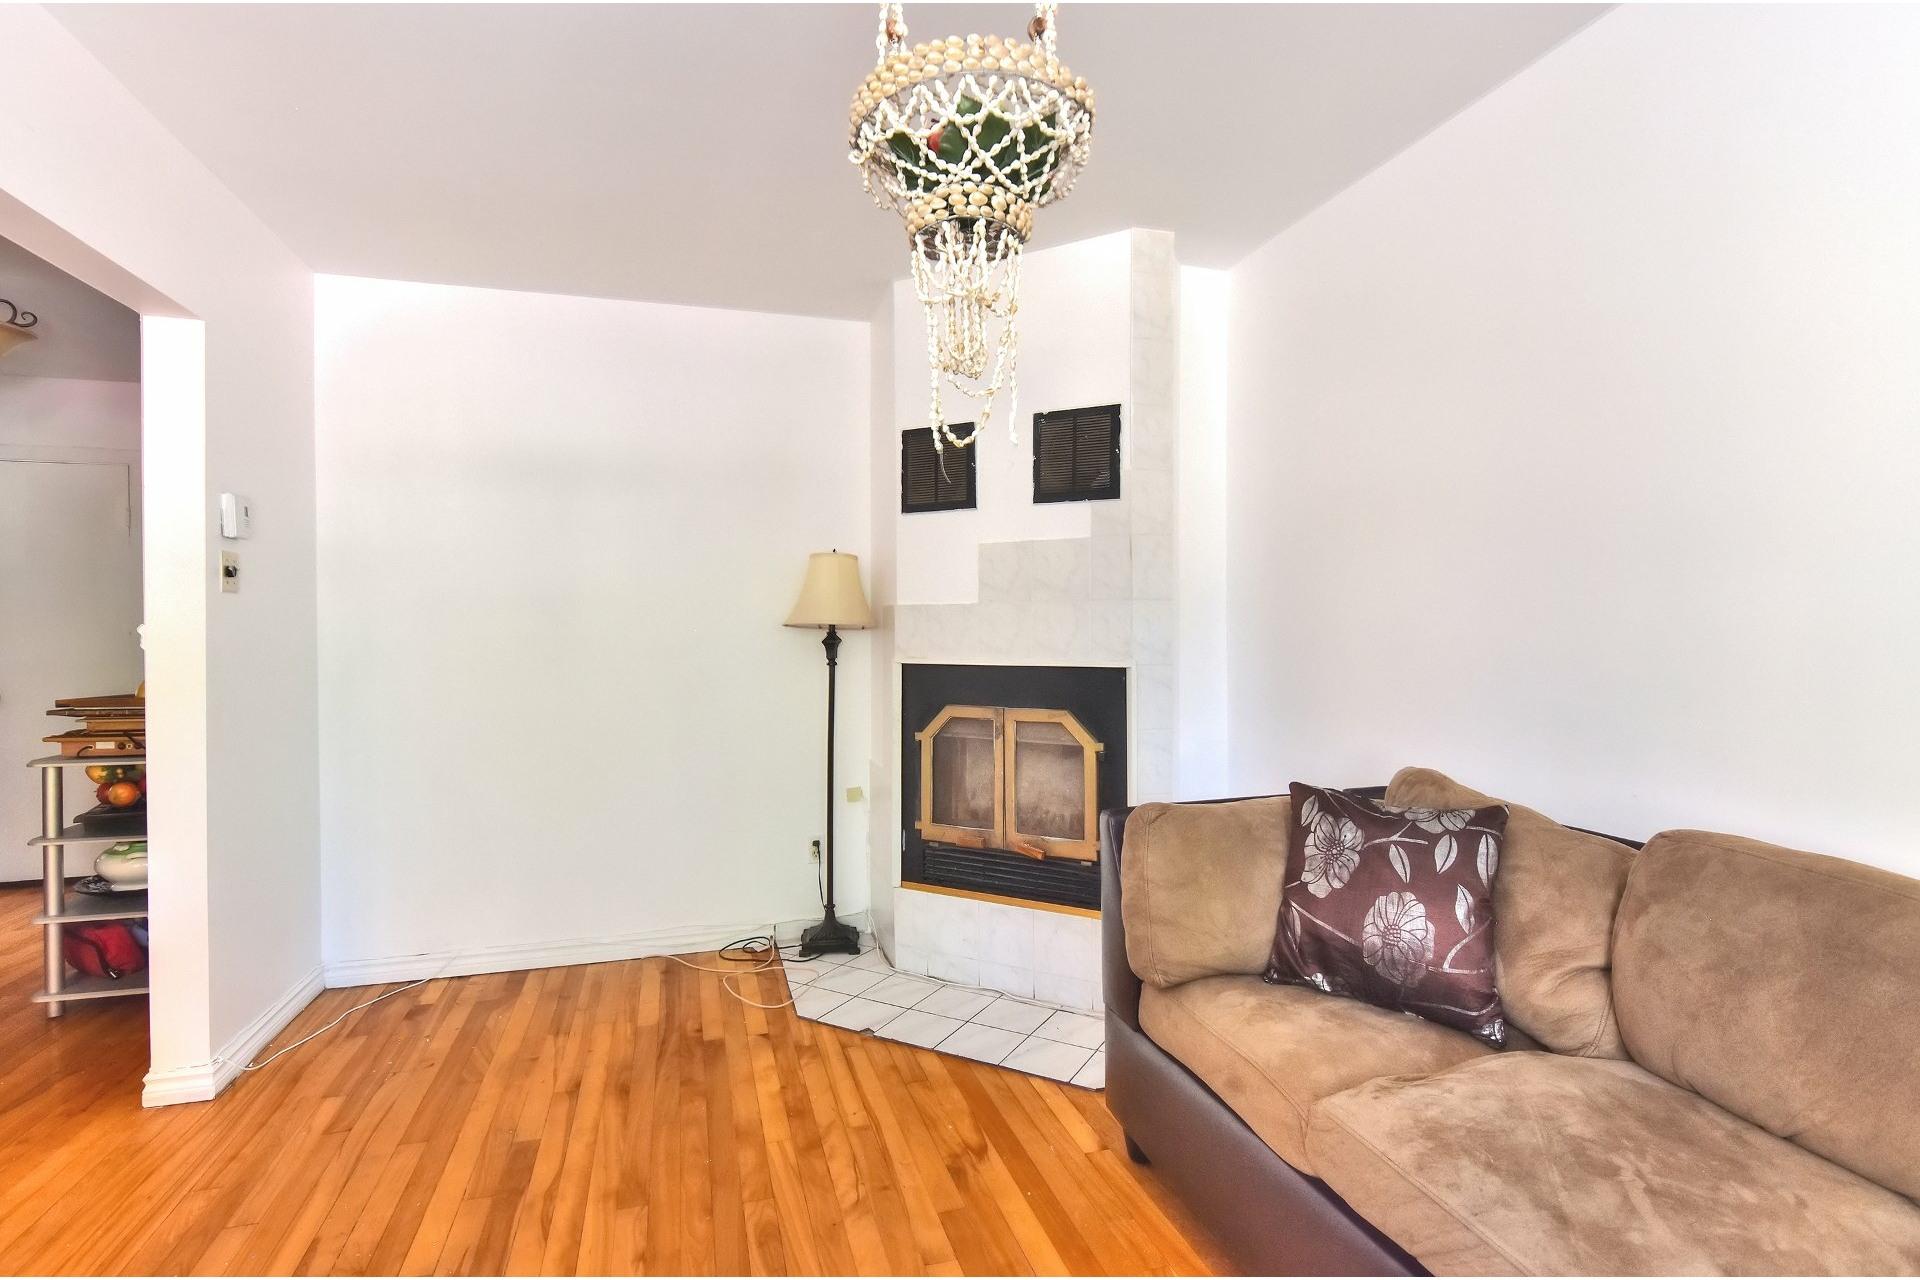 image 4 - Duplex For sale Rivière-des-Prairies/Pointe-aux-Trembles Montréal  - 5 rooms